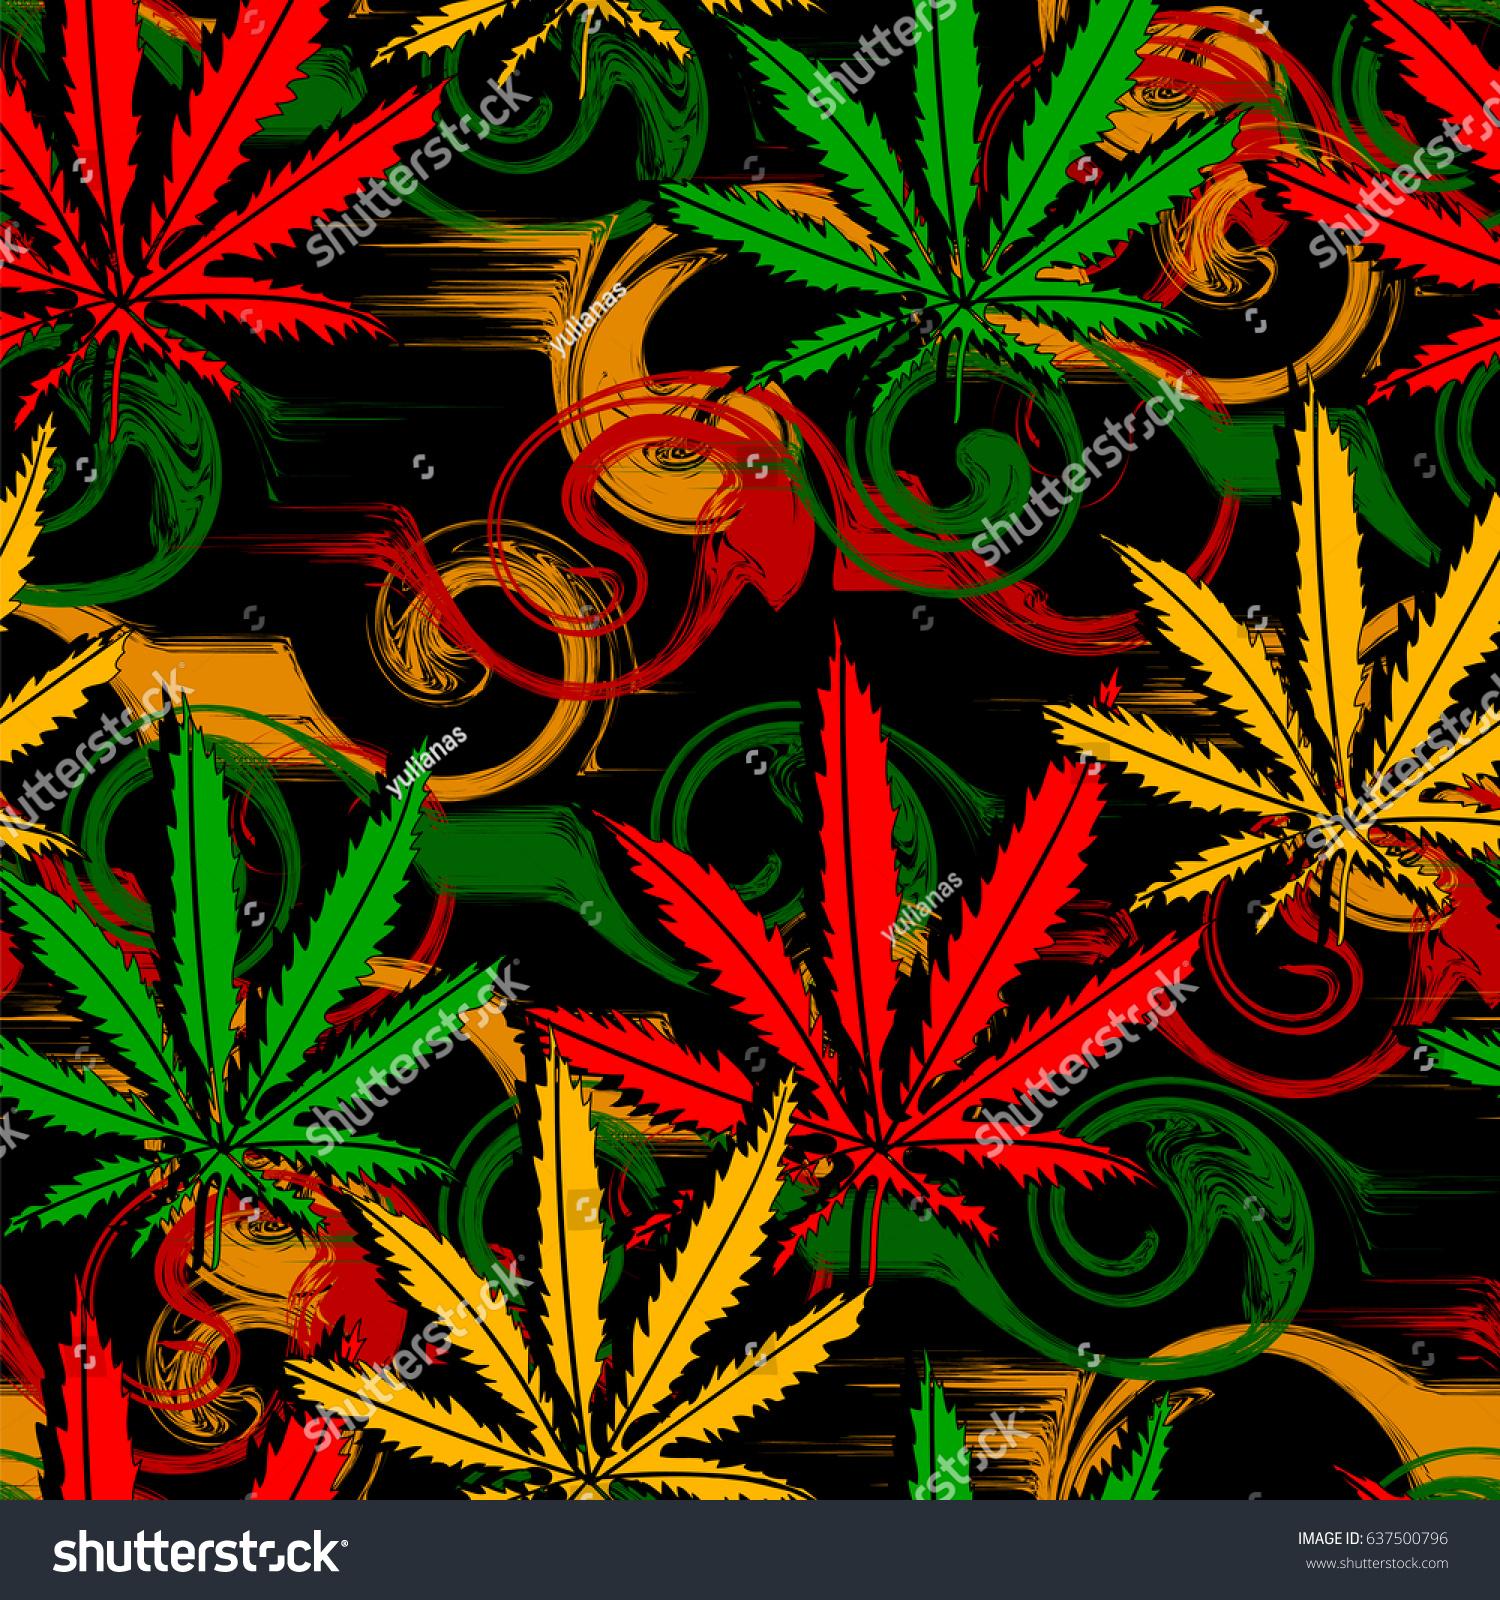 marijuana abstract wallpaper - photo #8